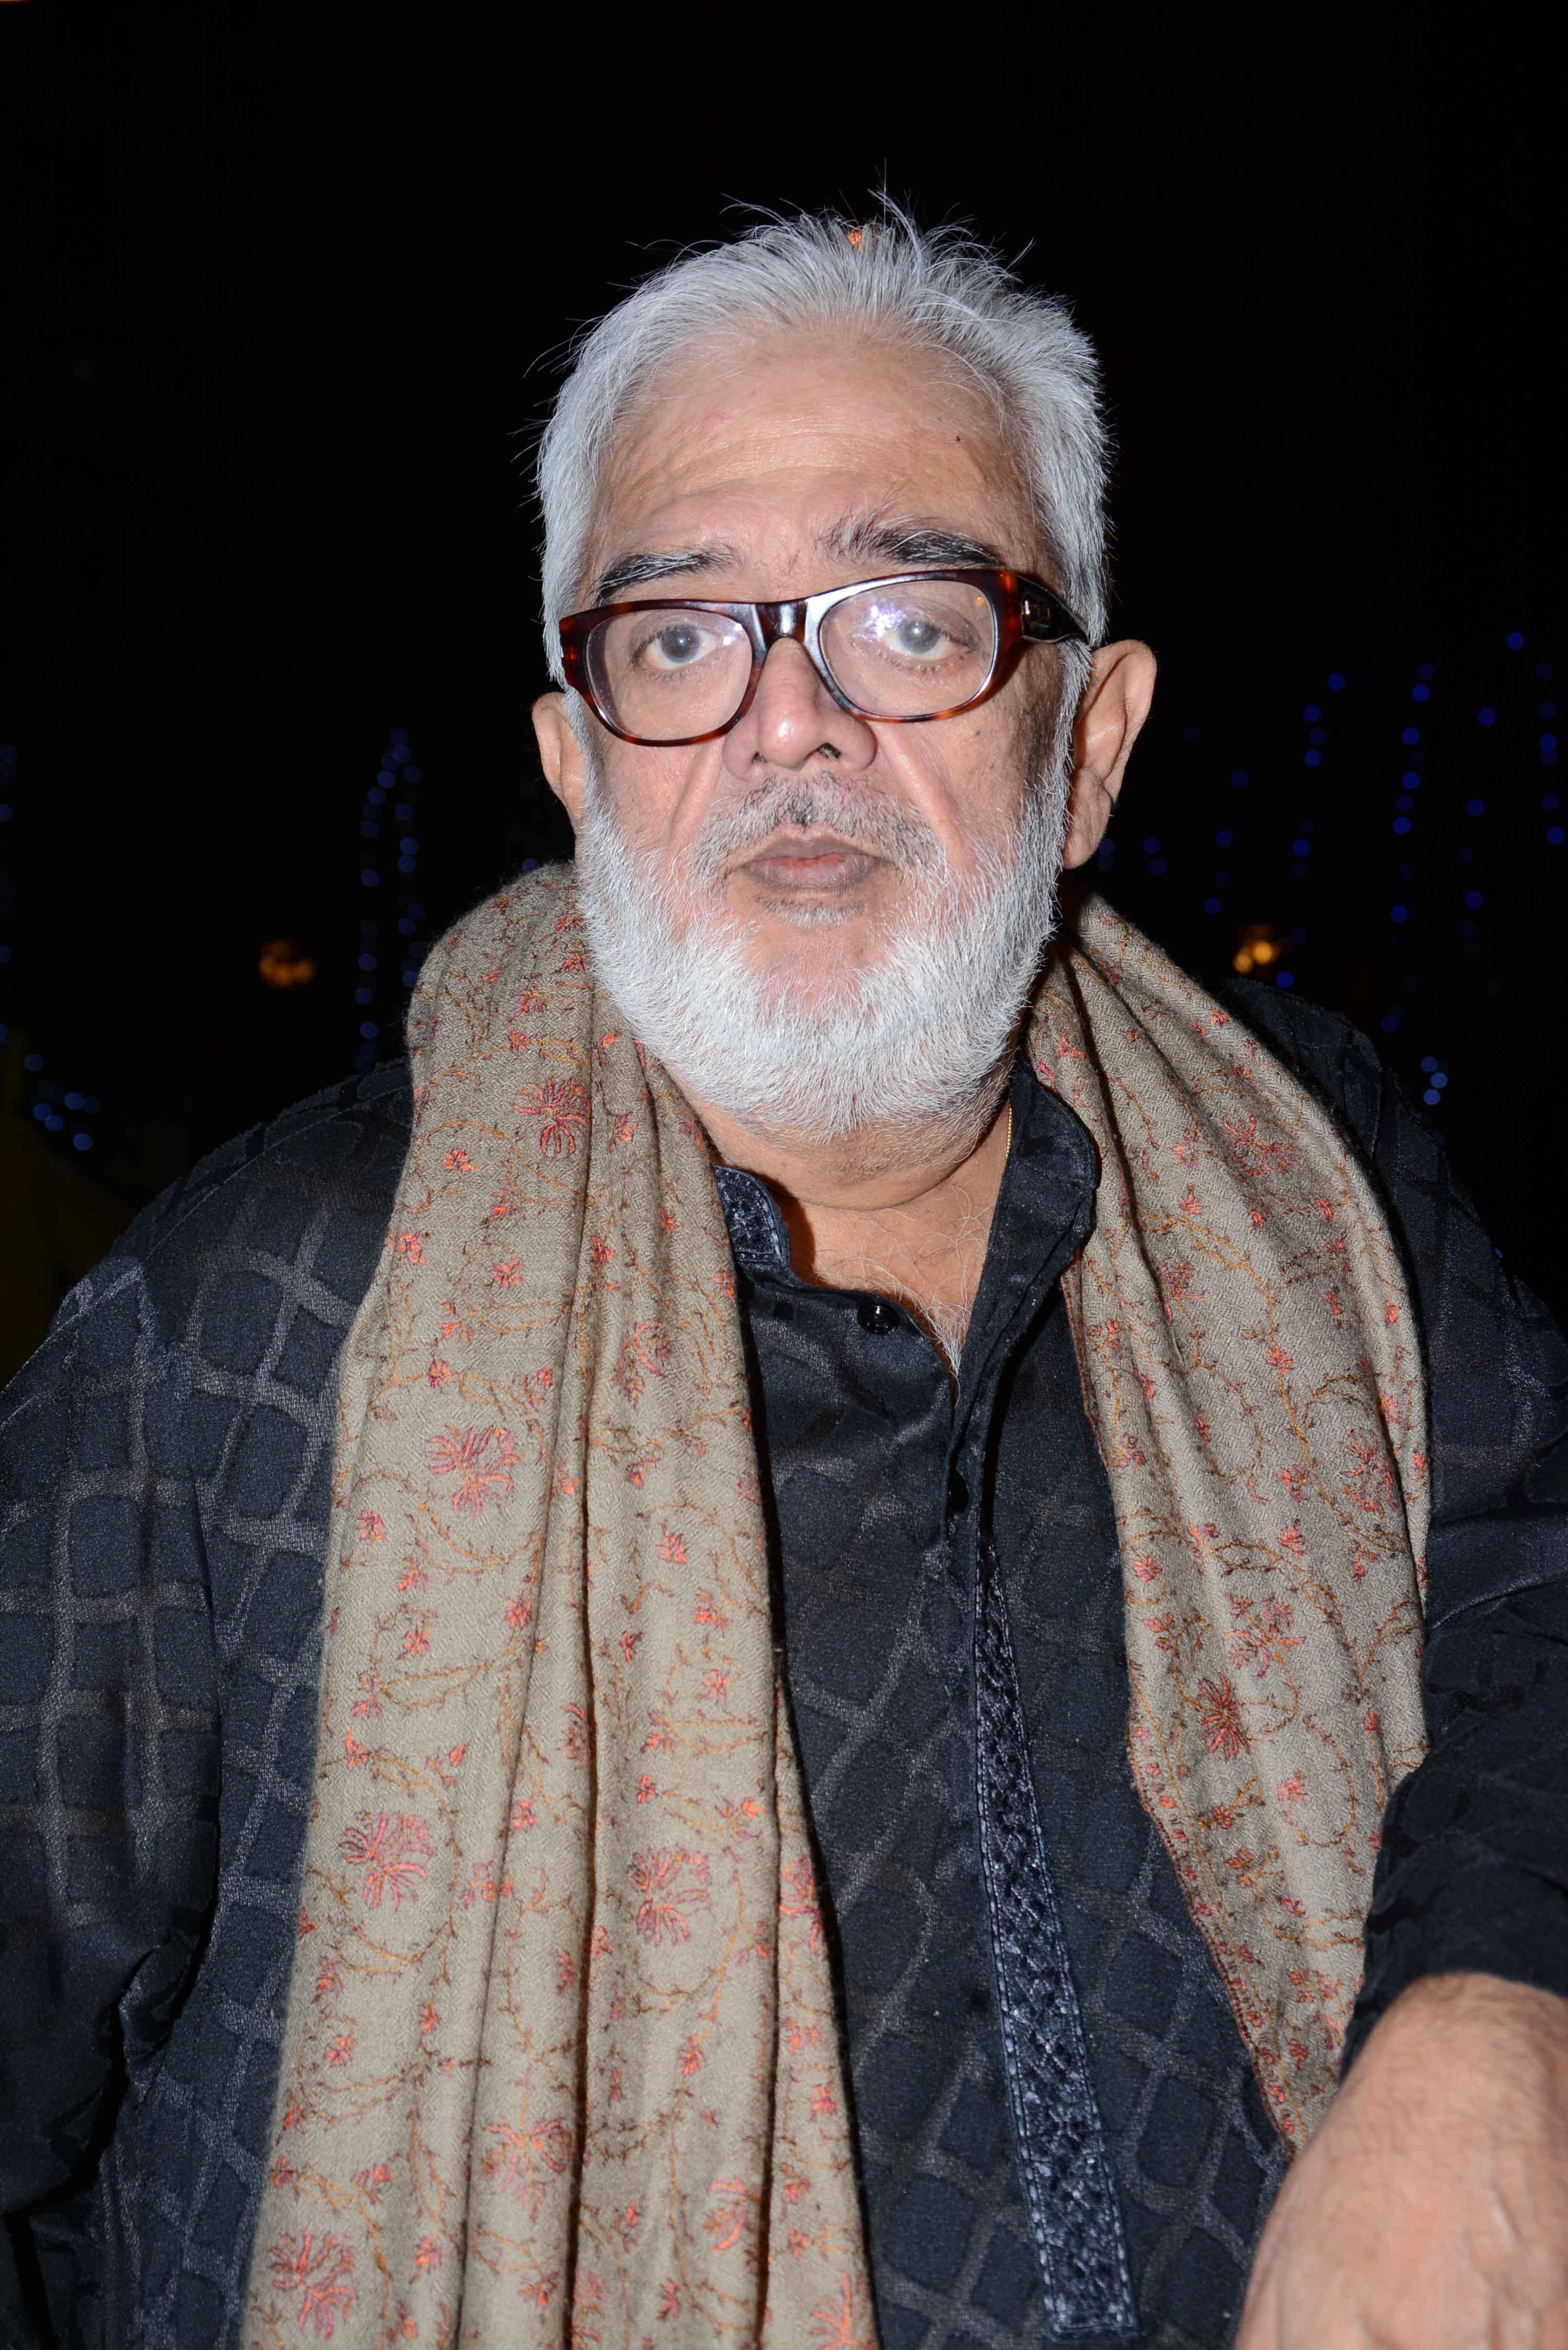 राहुल रवैल ऑस्कर जूरी से दिया इस्तीफा; अमोल पालेकर को कहा 'मनिप्यलैटिव'